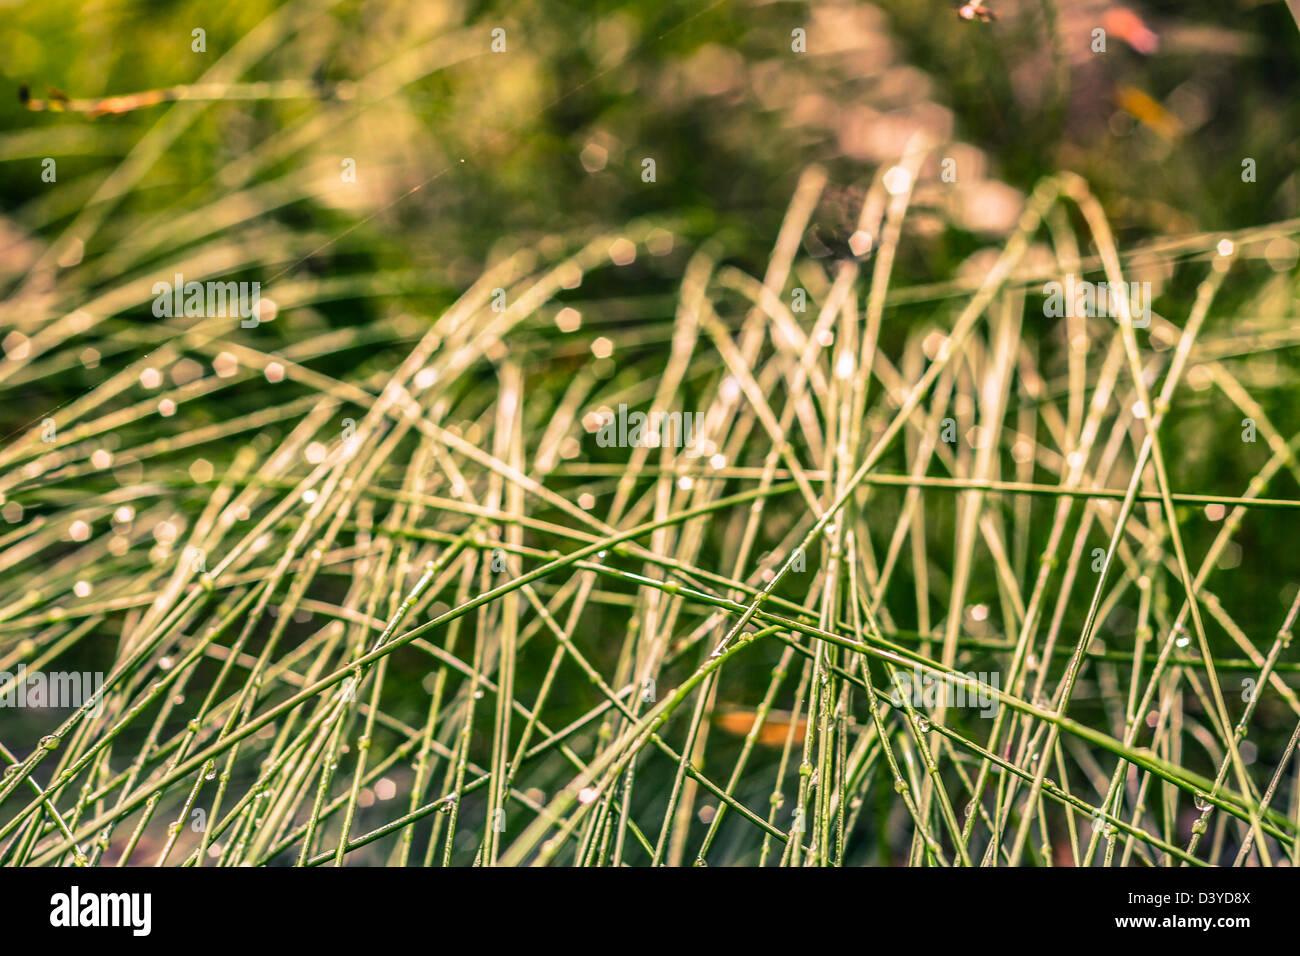 Detail der Rasen und Tau, grünen natürlichen Hintergrund. Stockbild